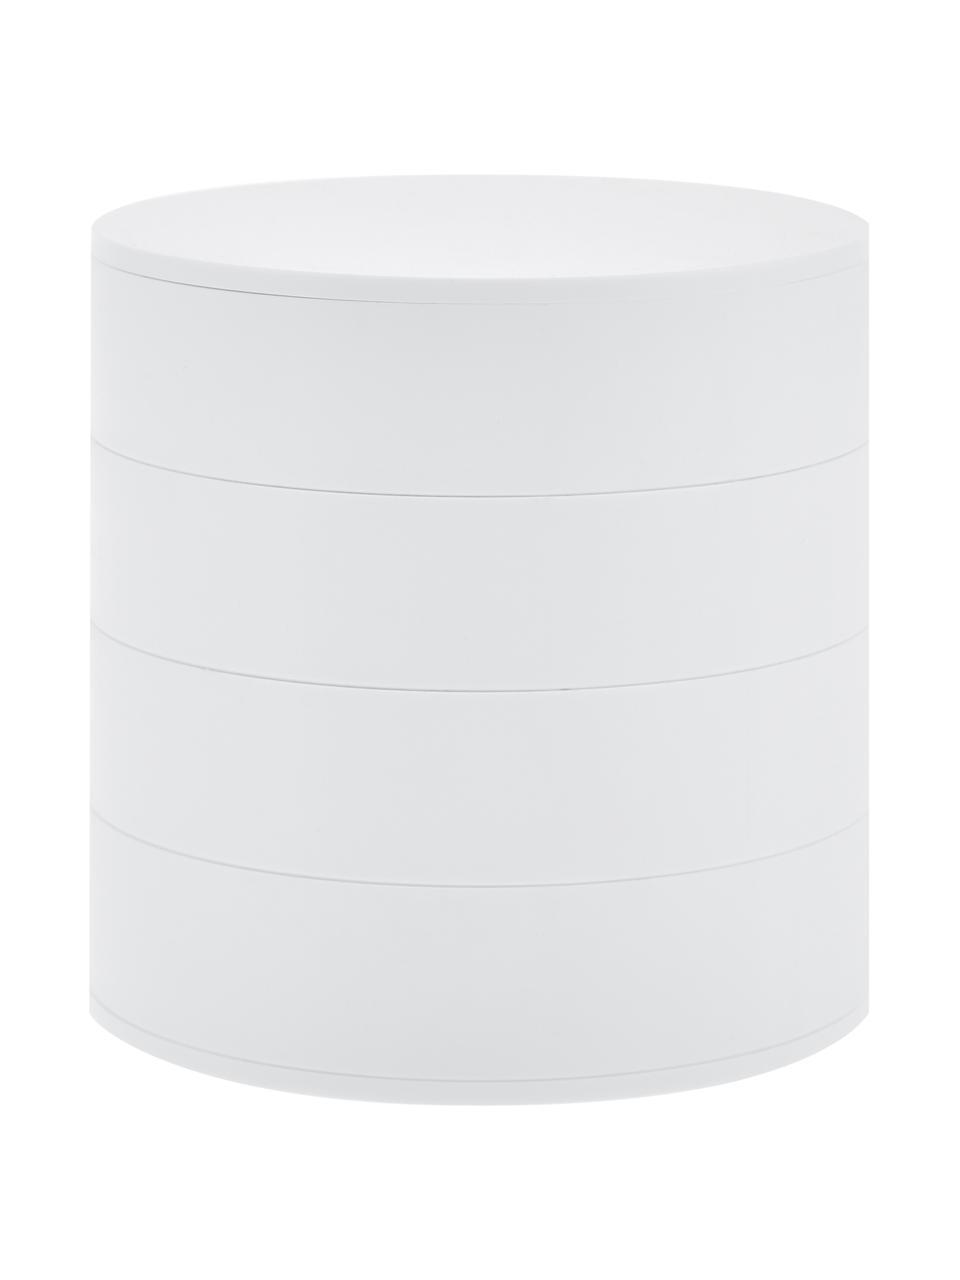 Schmuckdose Tower, Weiß, Ø 10 x H 10 cm